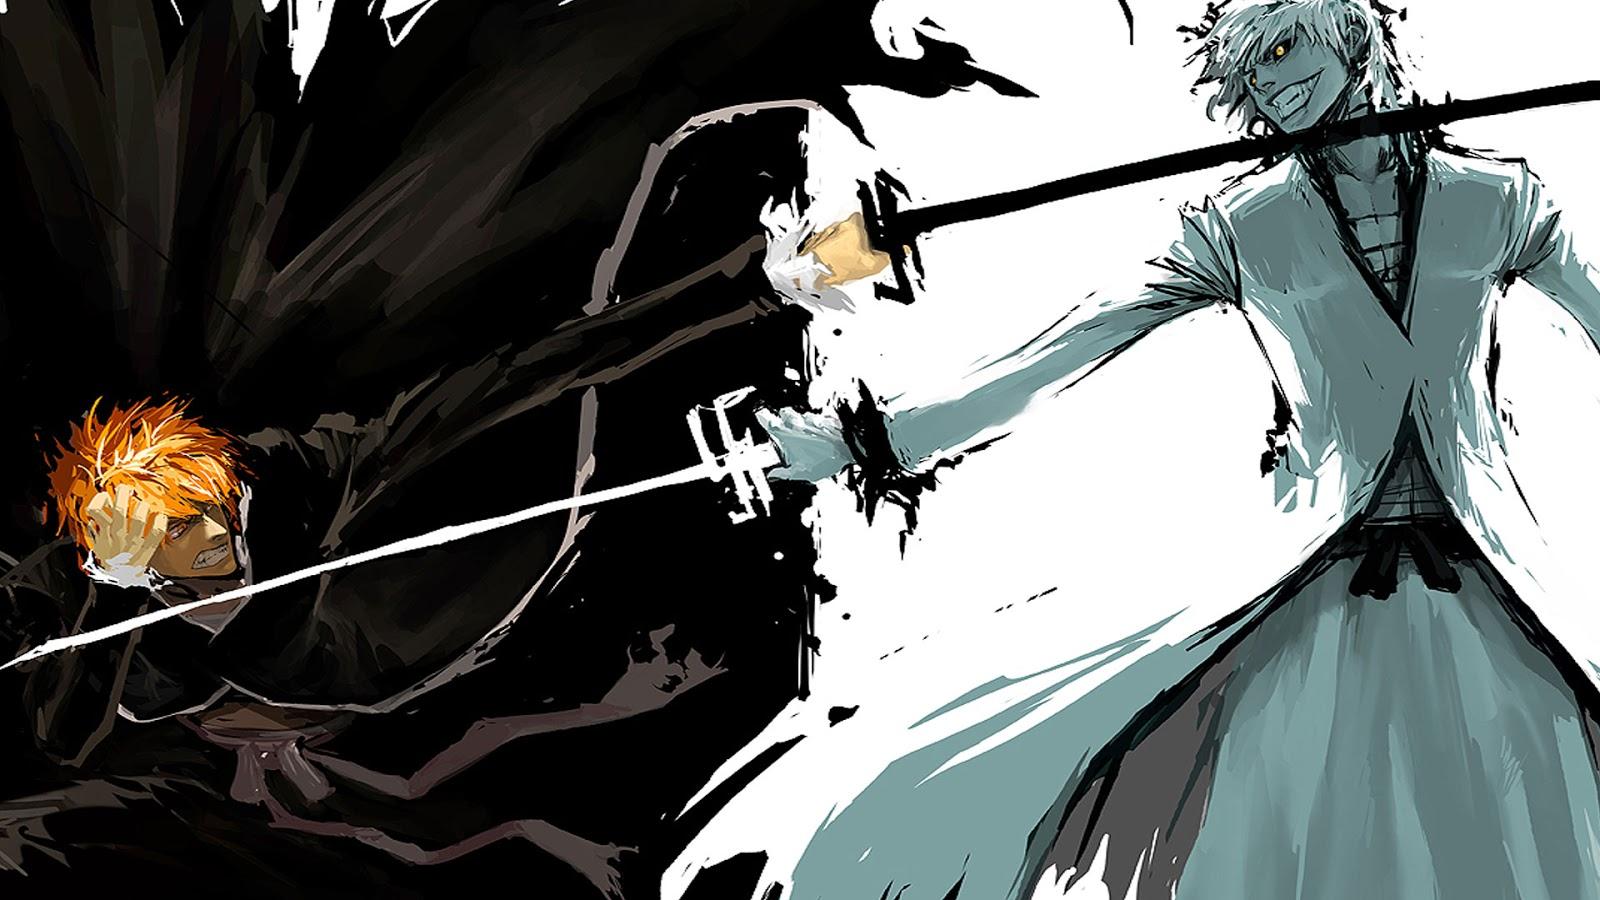 Download 970+ Wallpaper Hd Anime Islam Gratis Terbaru